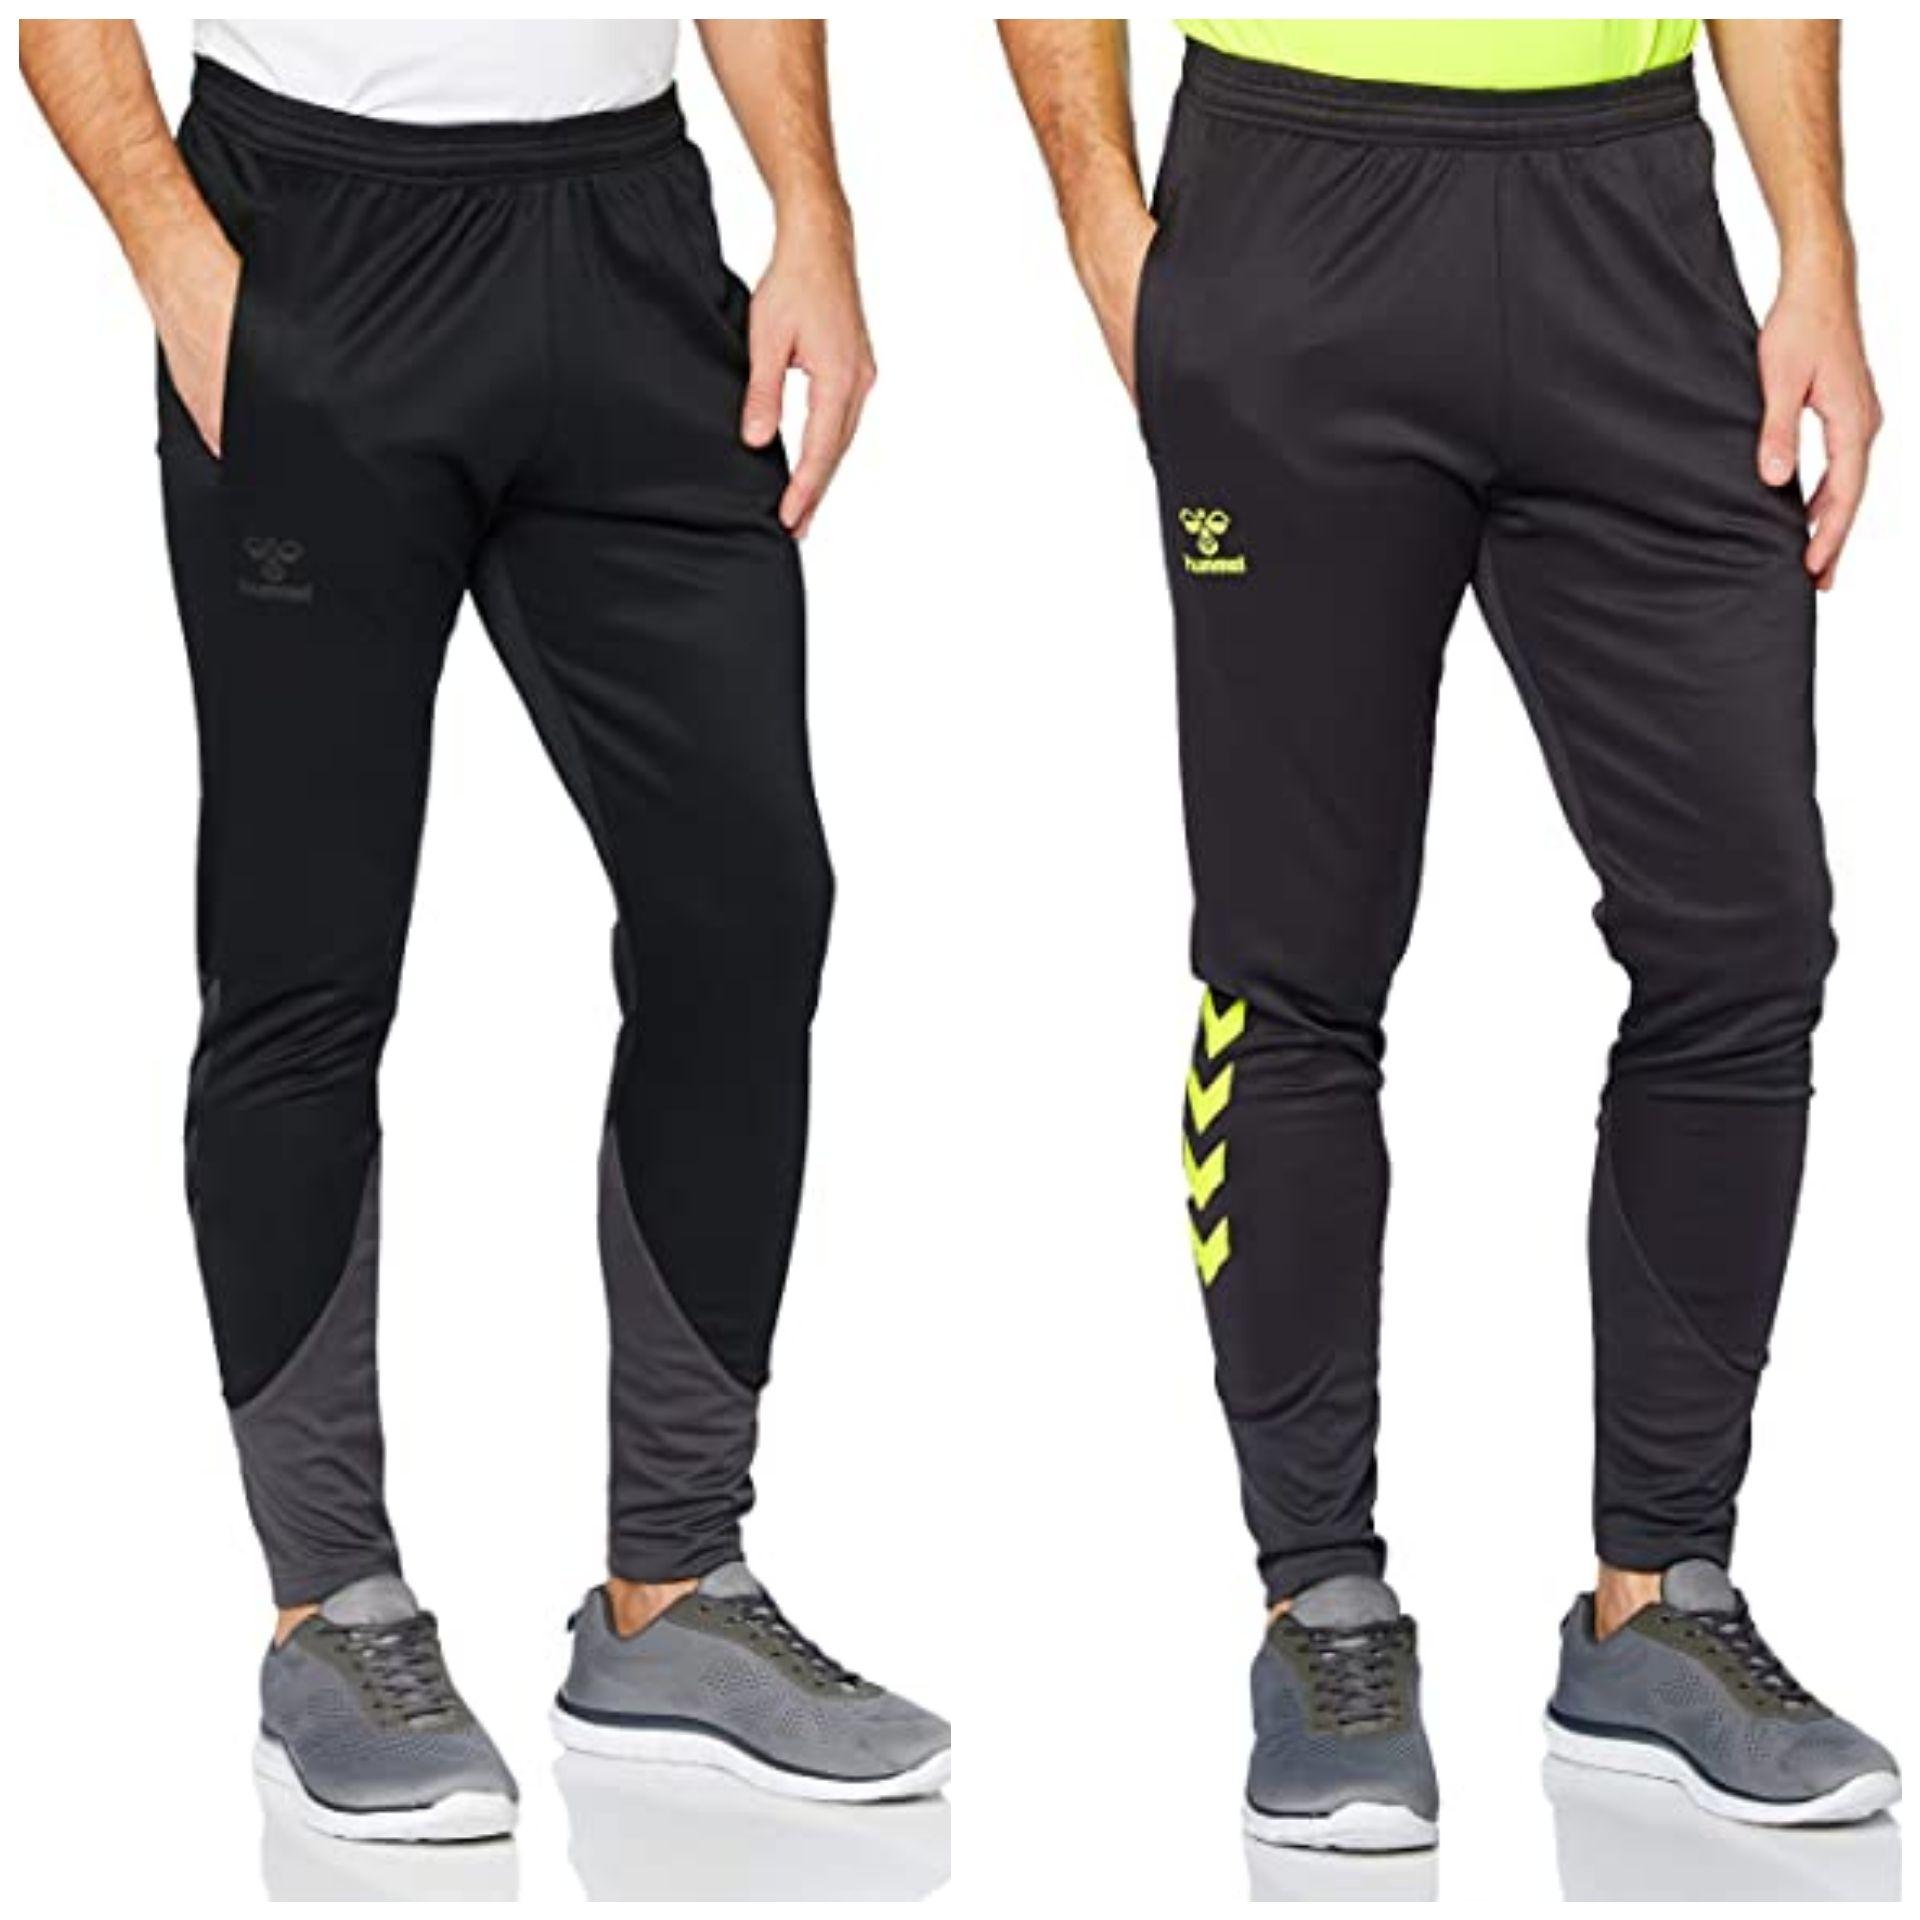 Pantalón entrenamiento Hummel (S y XL)